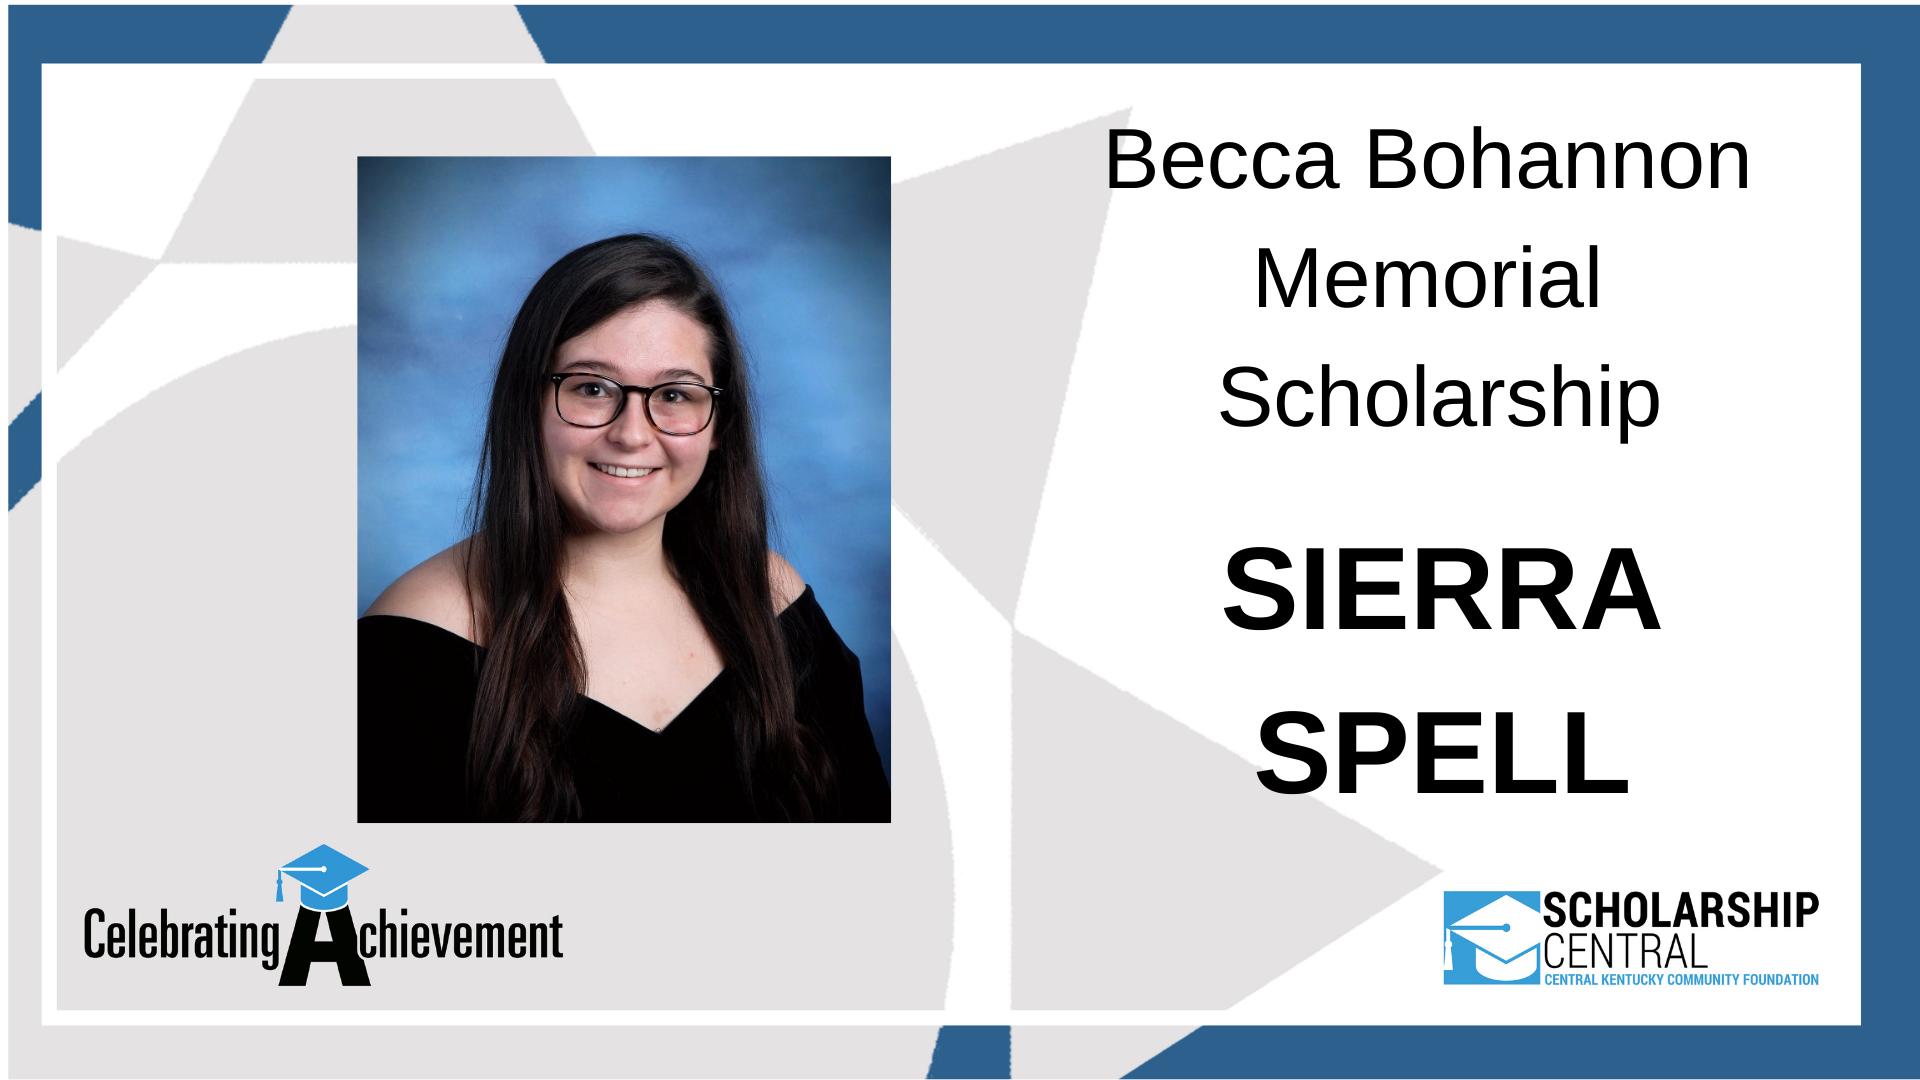 Becca Bohannon Memorial Scholarship Winner